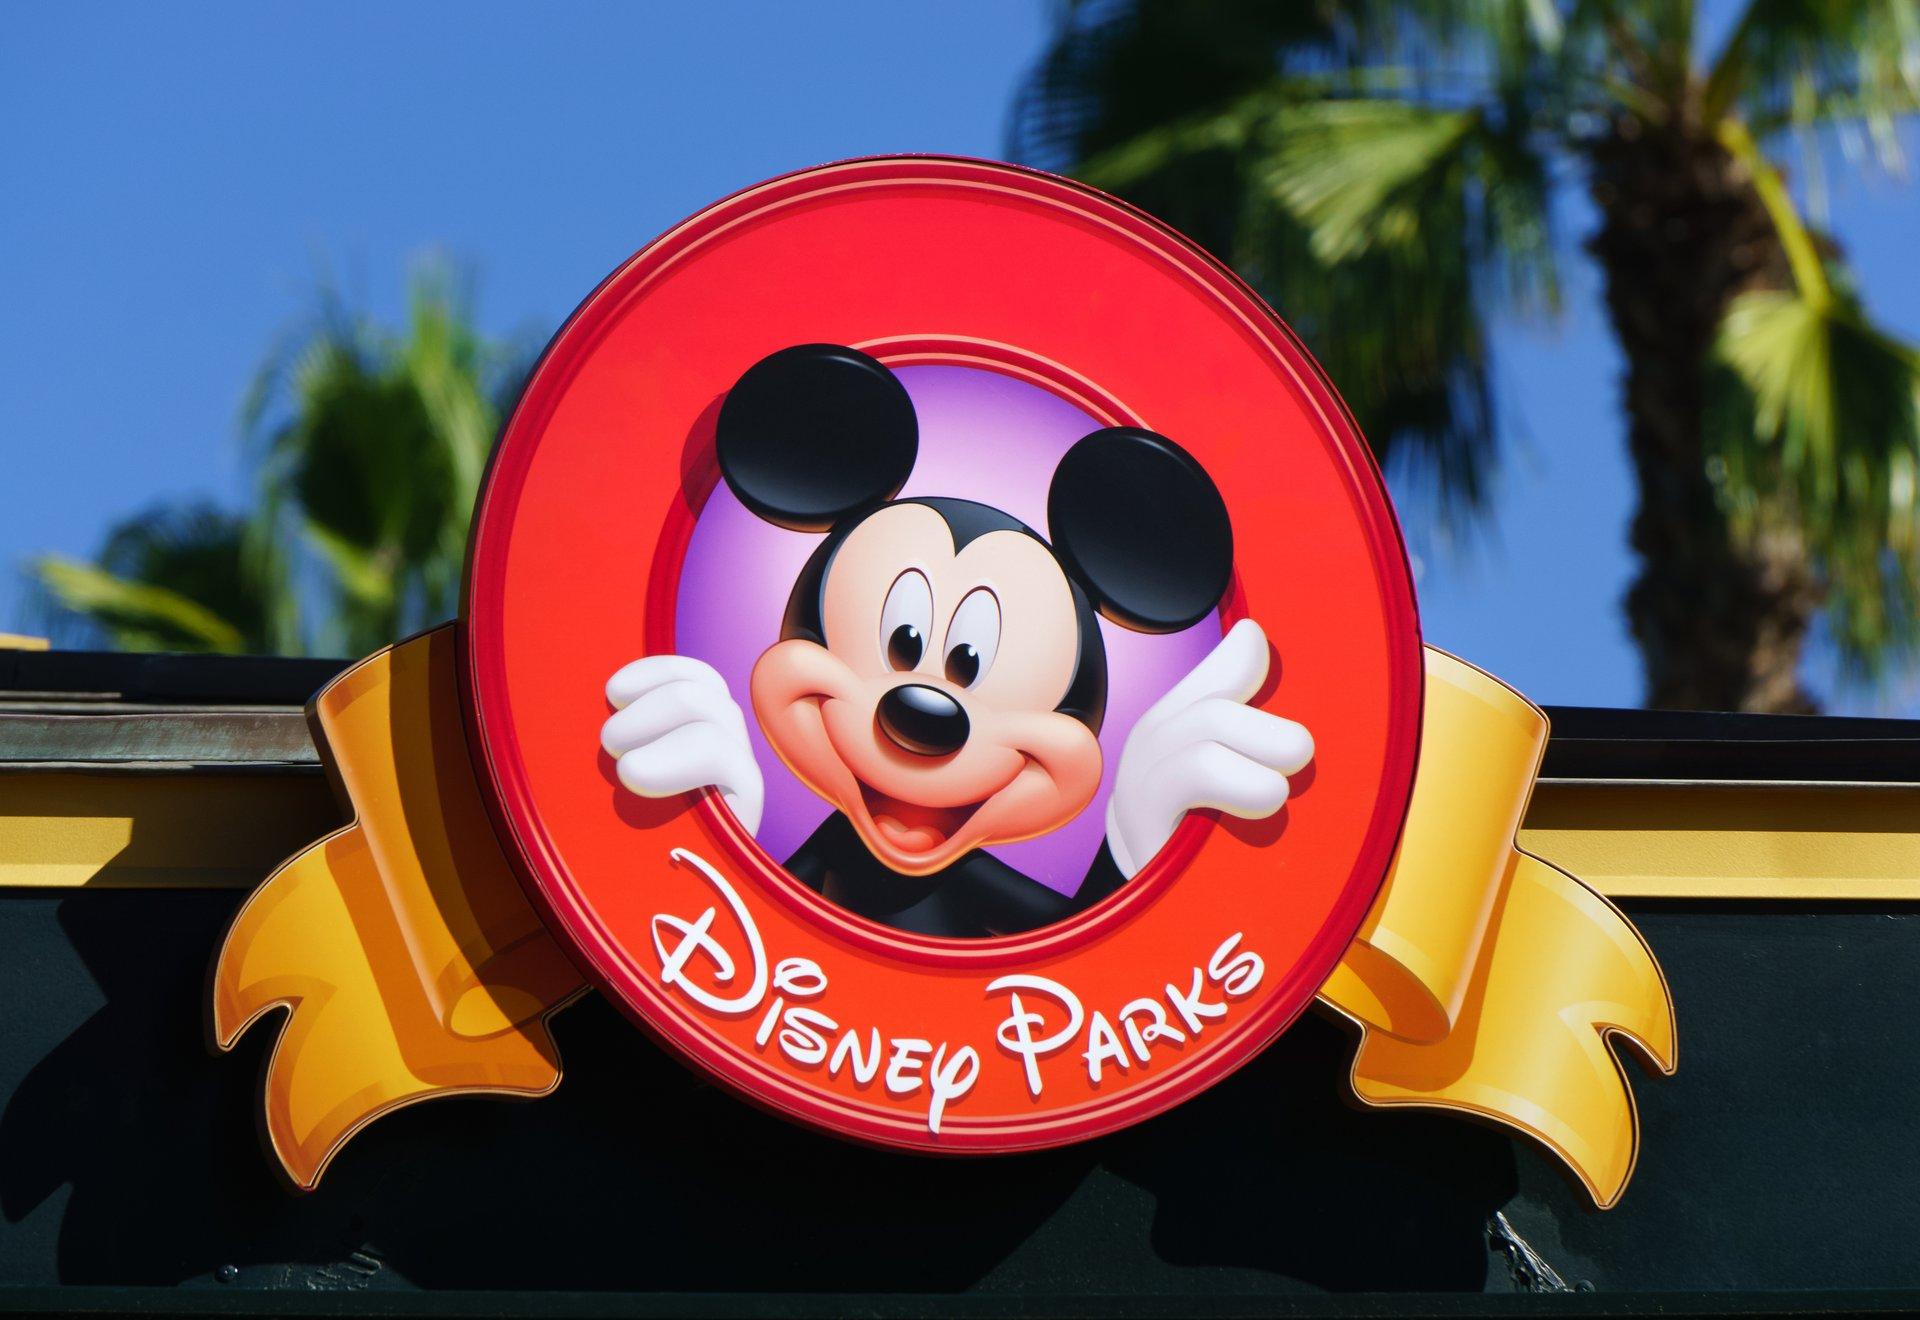 Disney Parks sign.